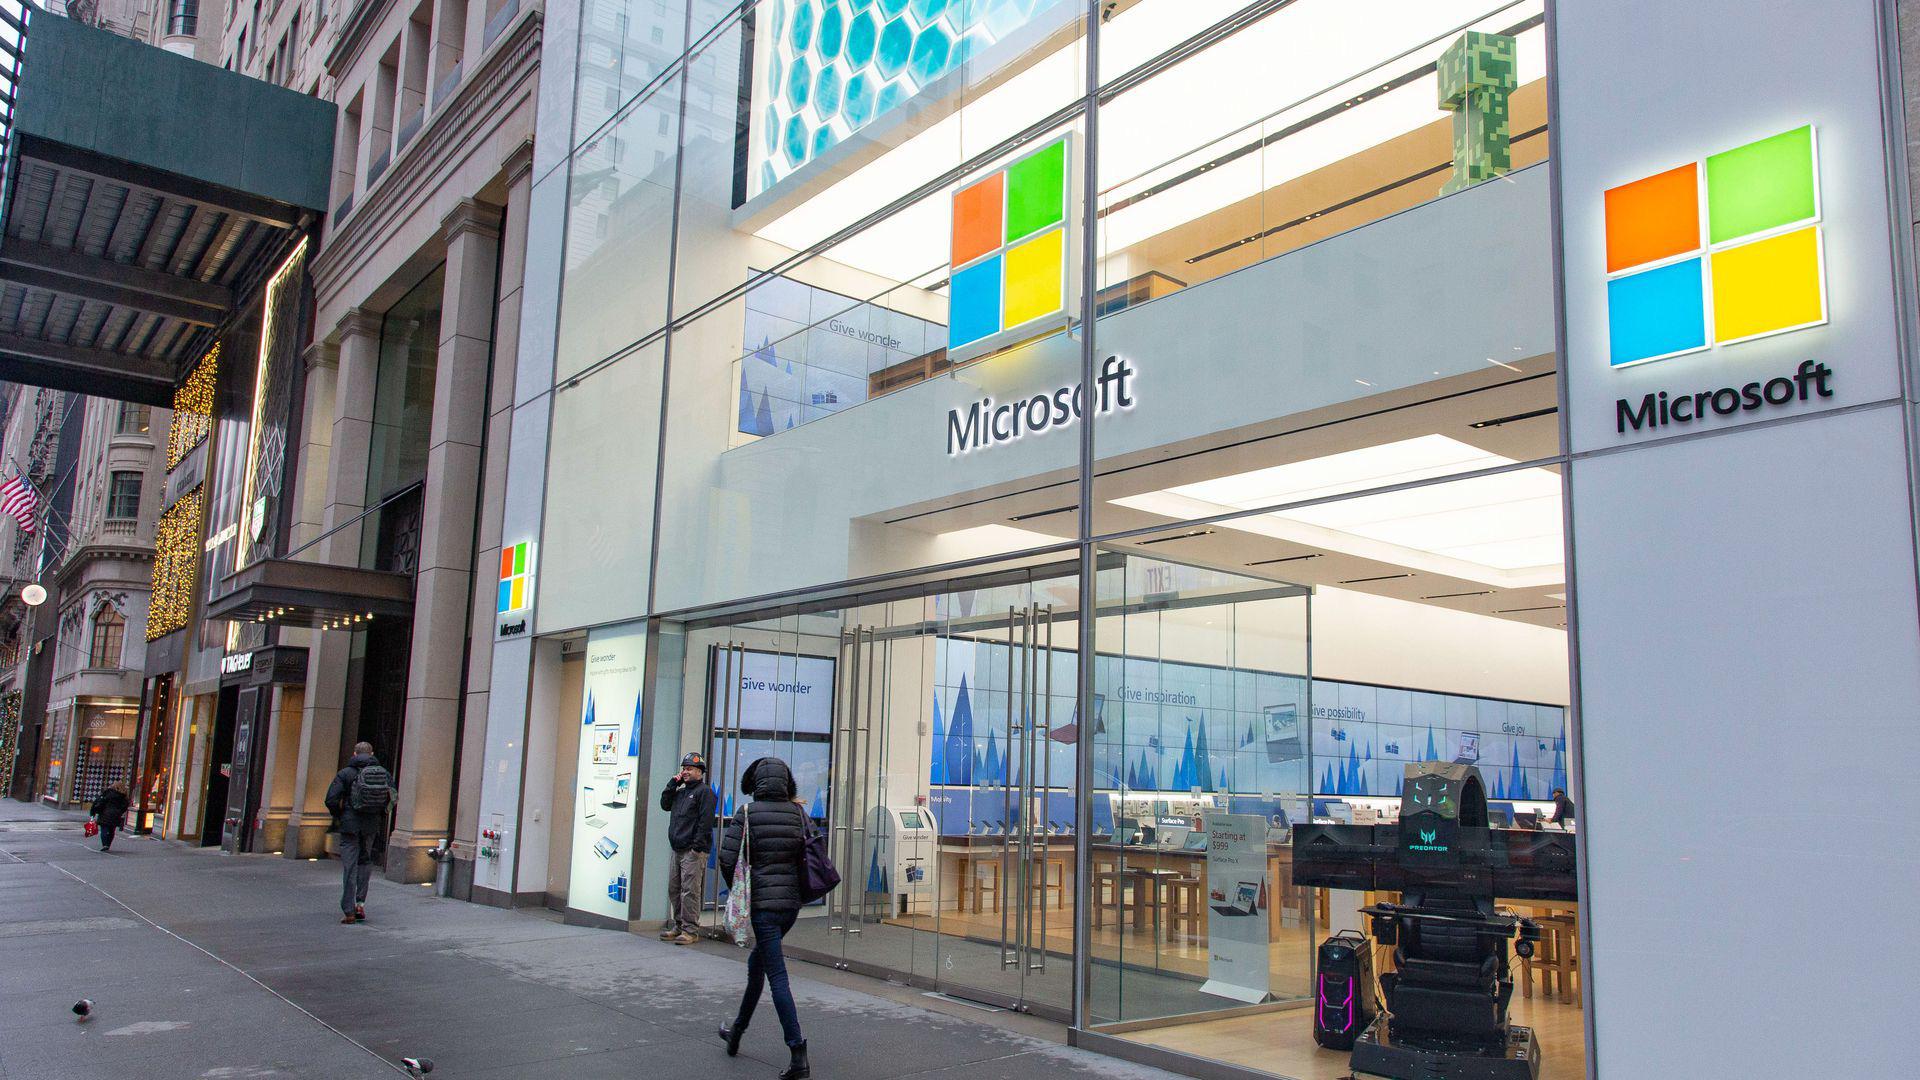 E ngại trước đại dịch Covid-19, Microsoft đóng cửa toàn bộ hệ thống bán lẻ - Ảnh 3.